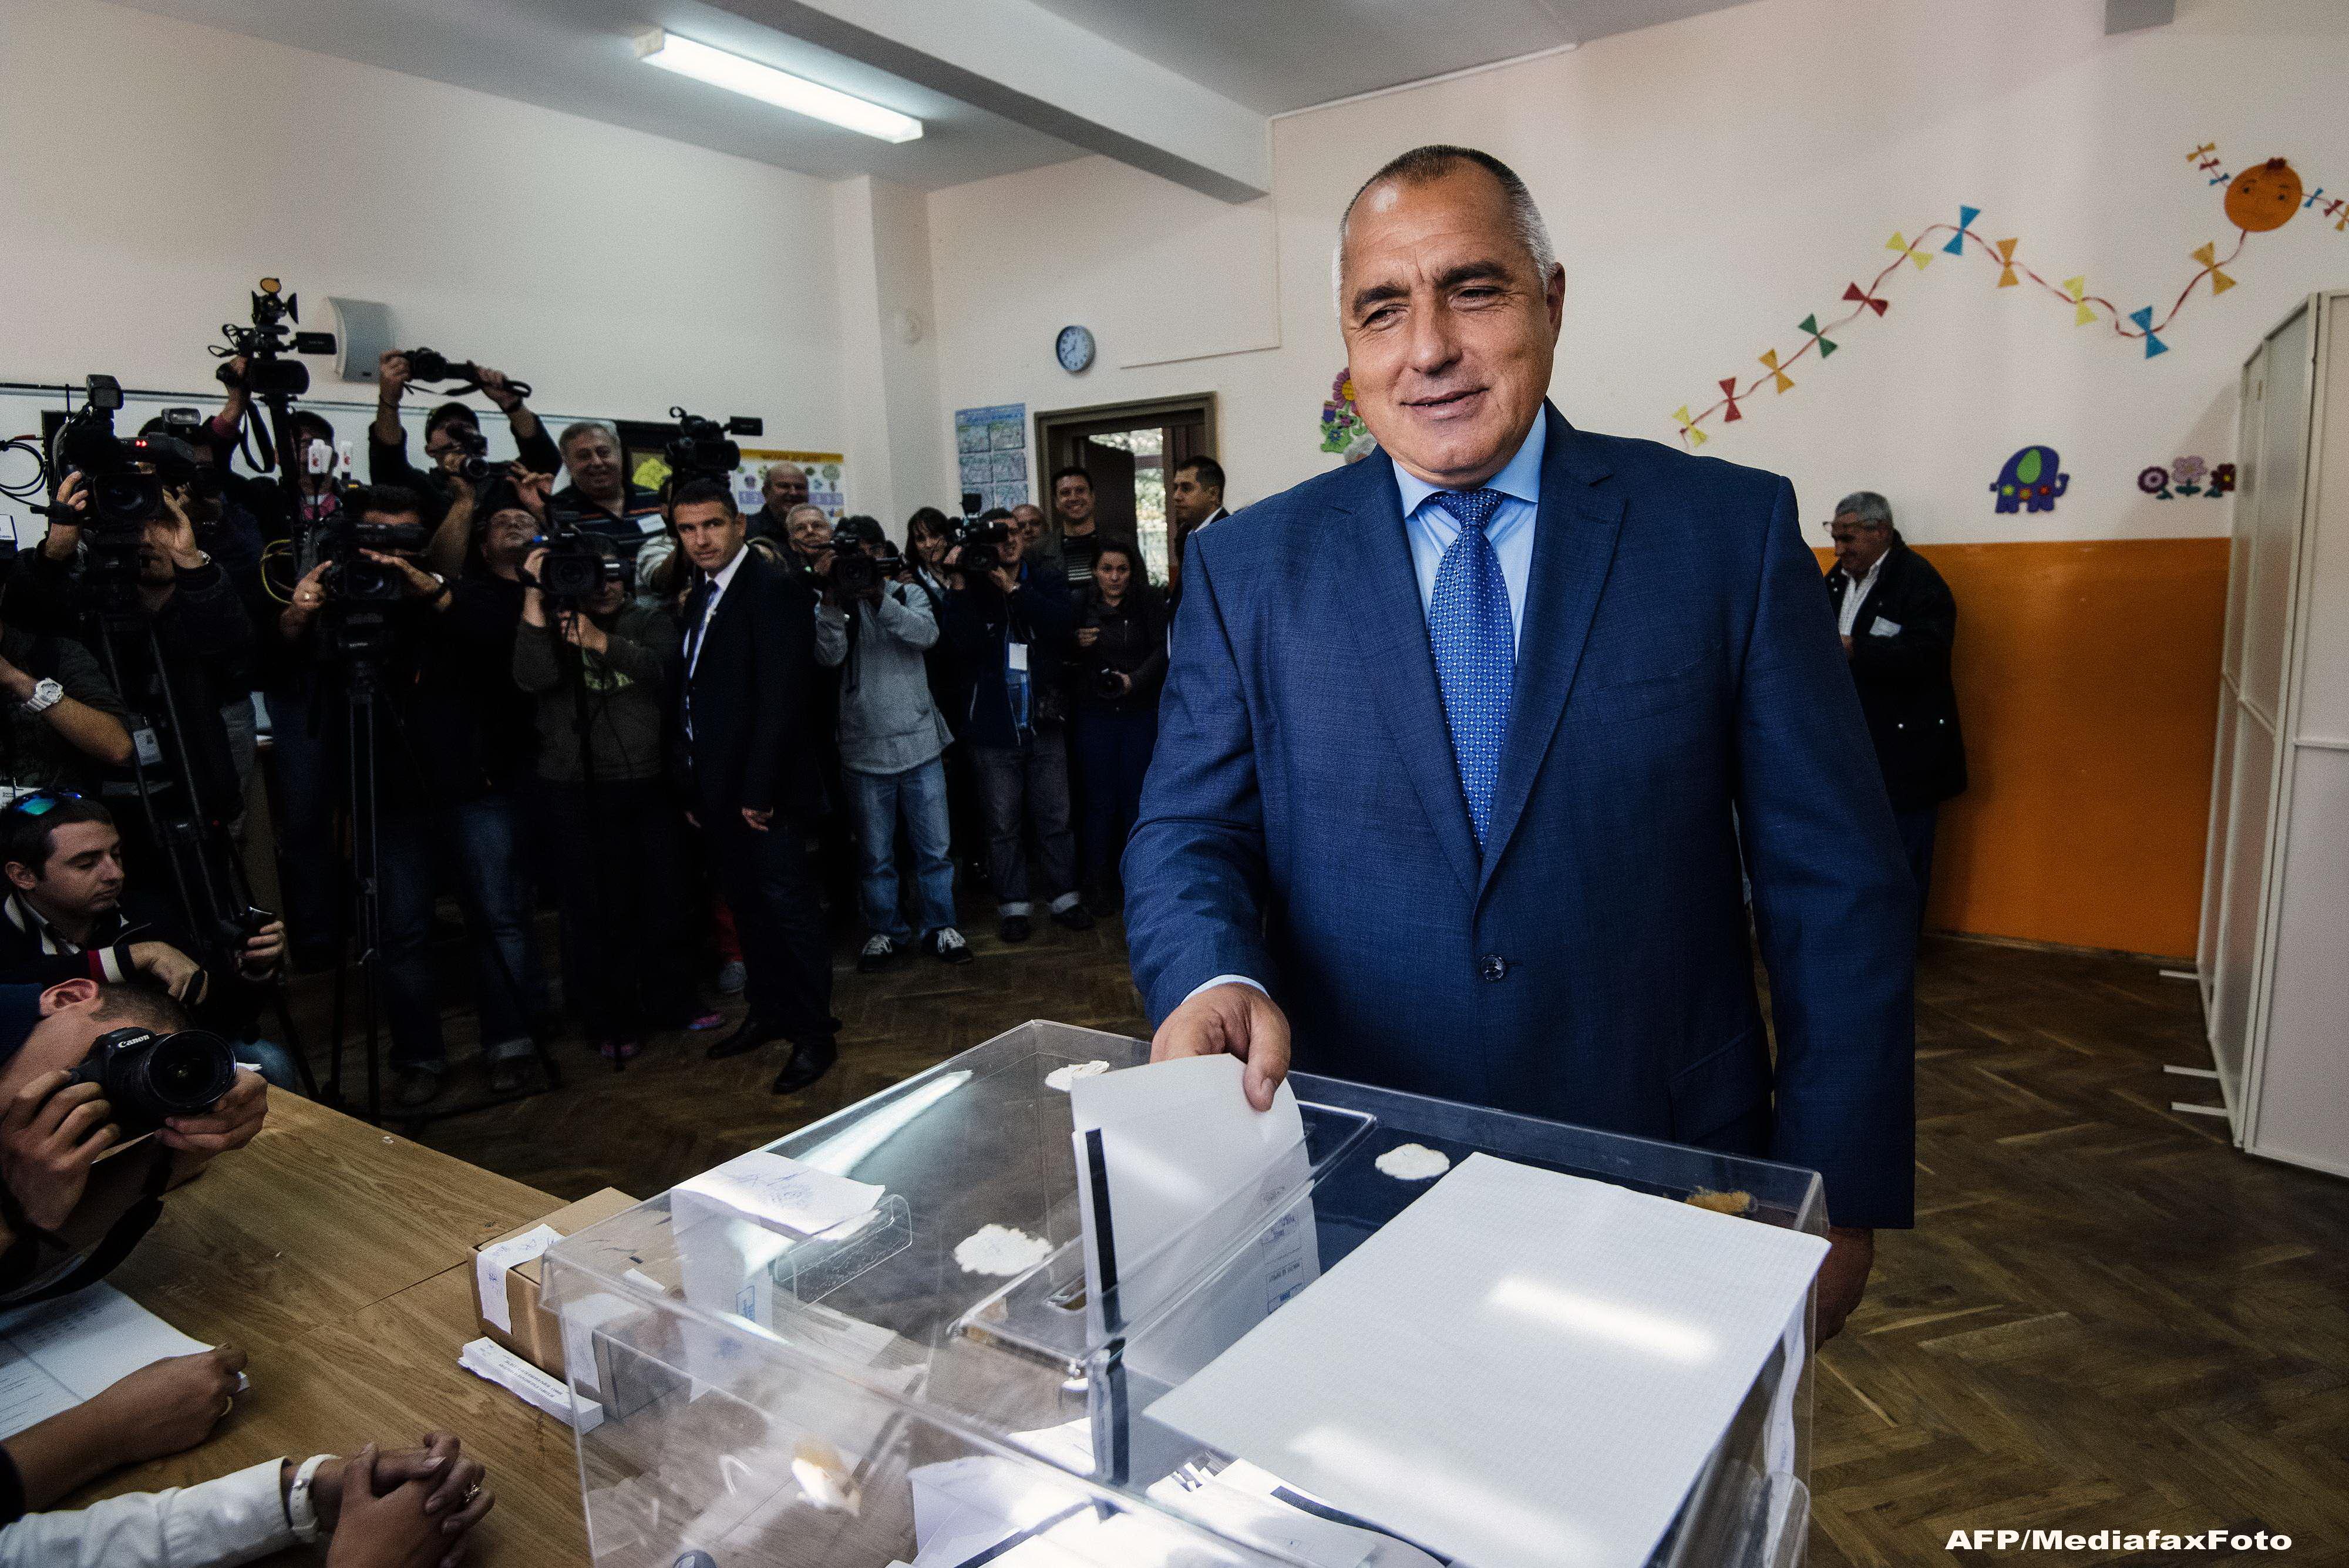 Alegeri legislative in Bulgaria. Partidul fostului premier Boiko Borisov a castigat, insa nu poate face o majoritate